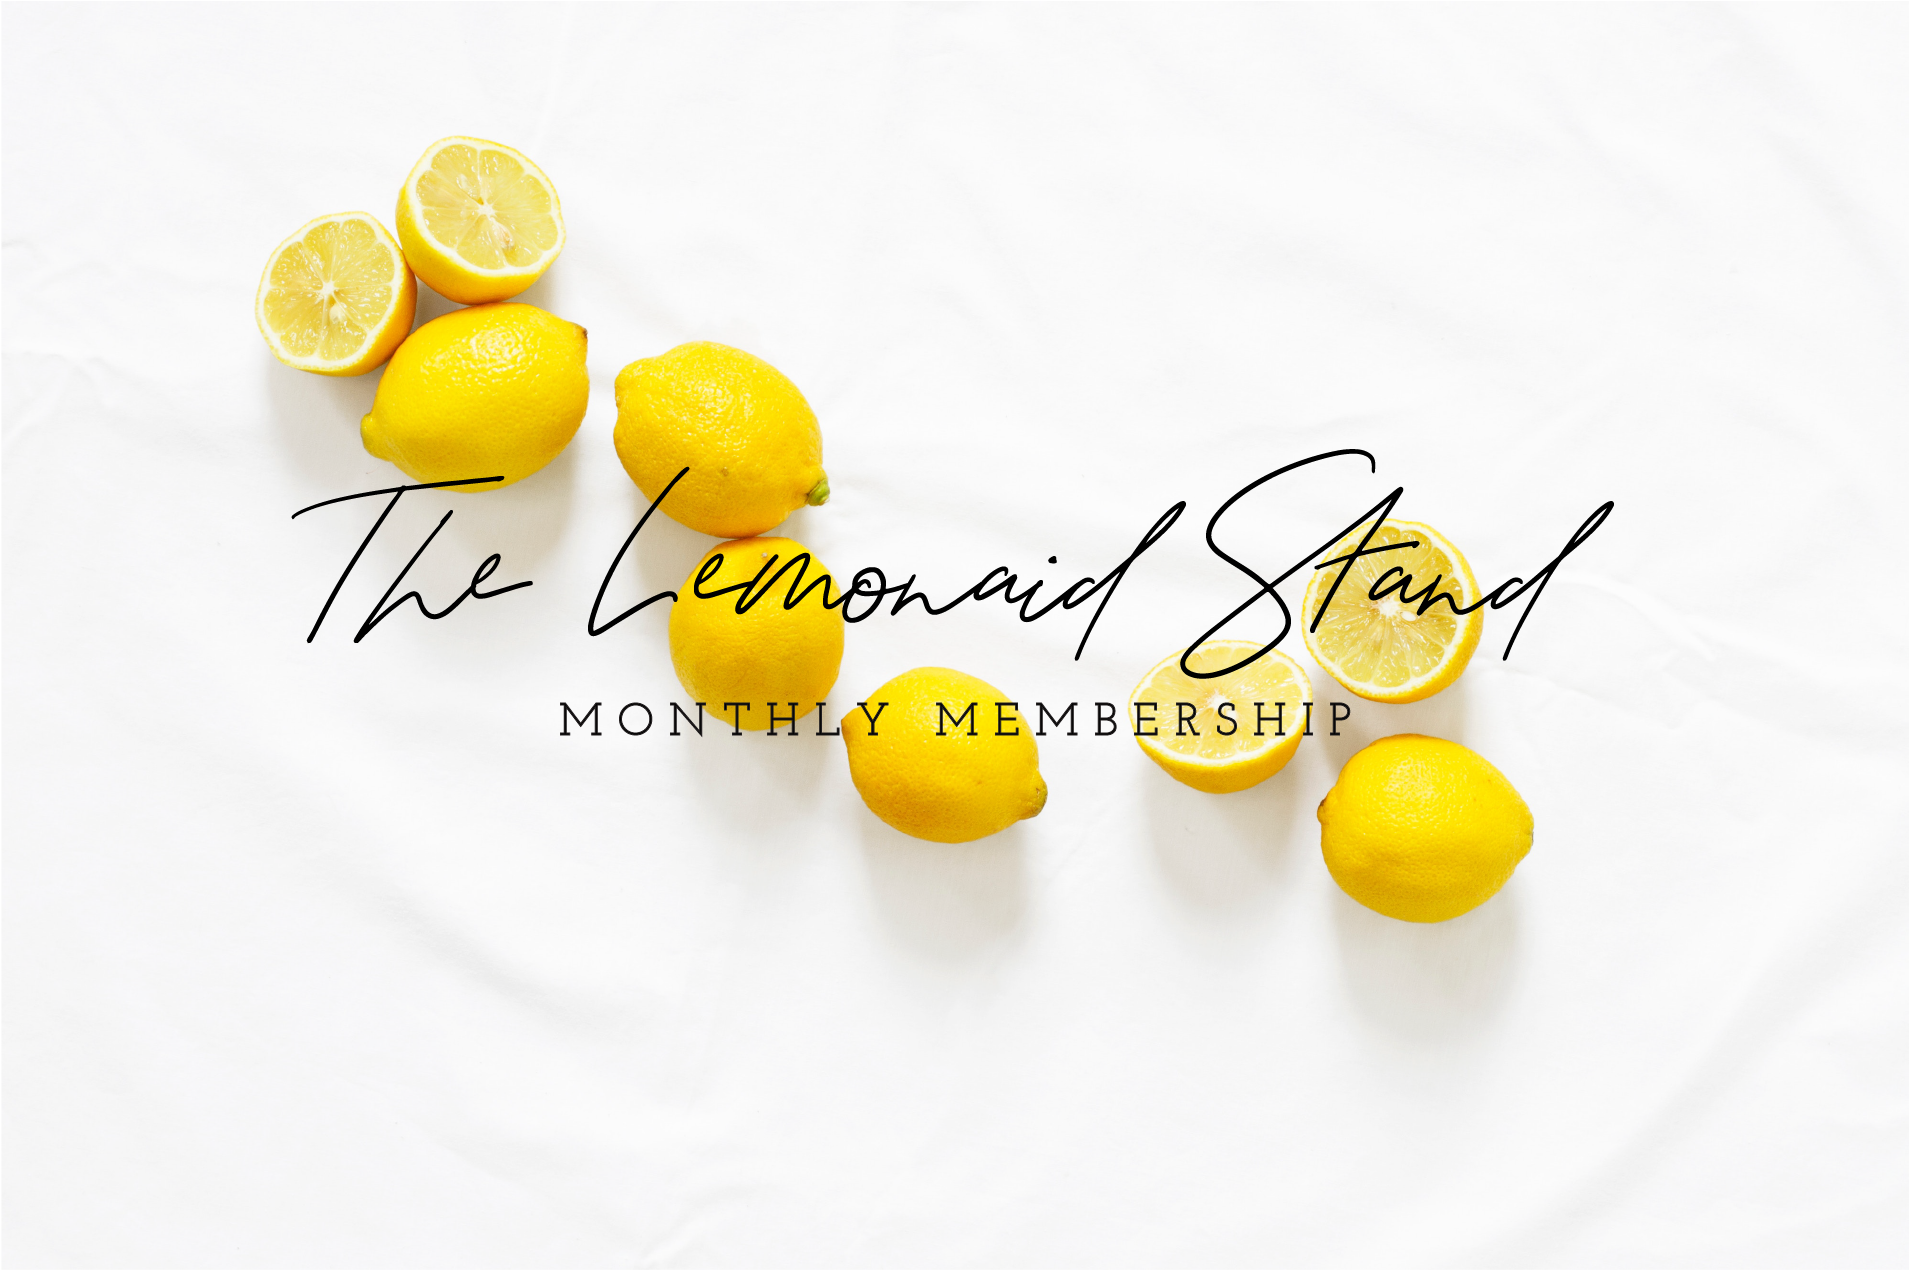 Lemonaid Stand.png